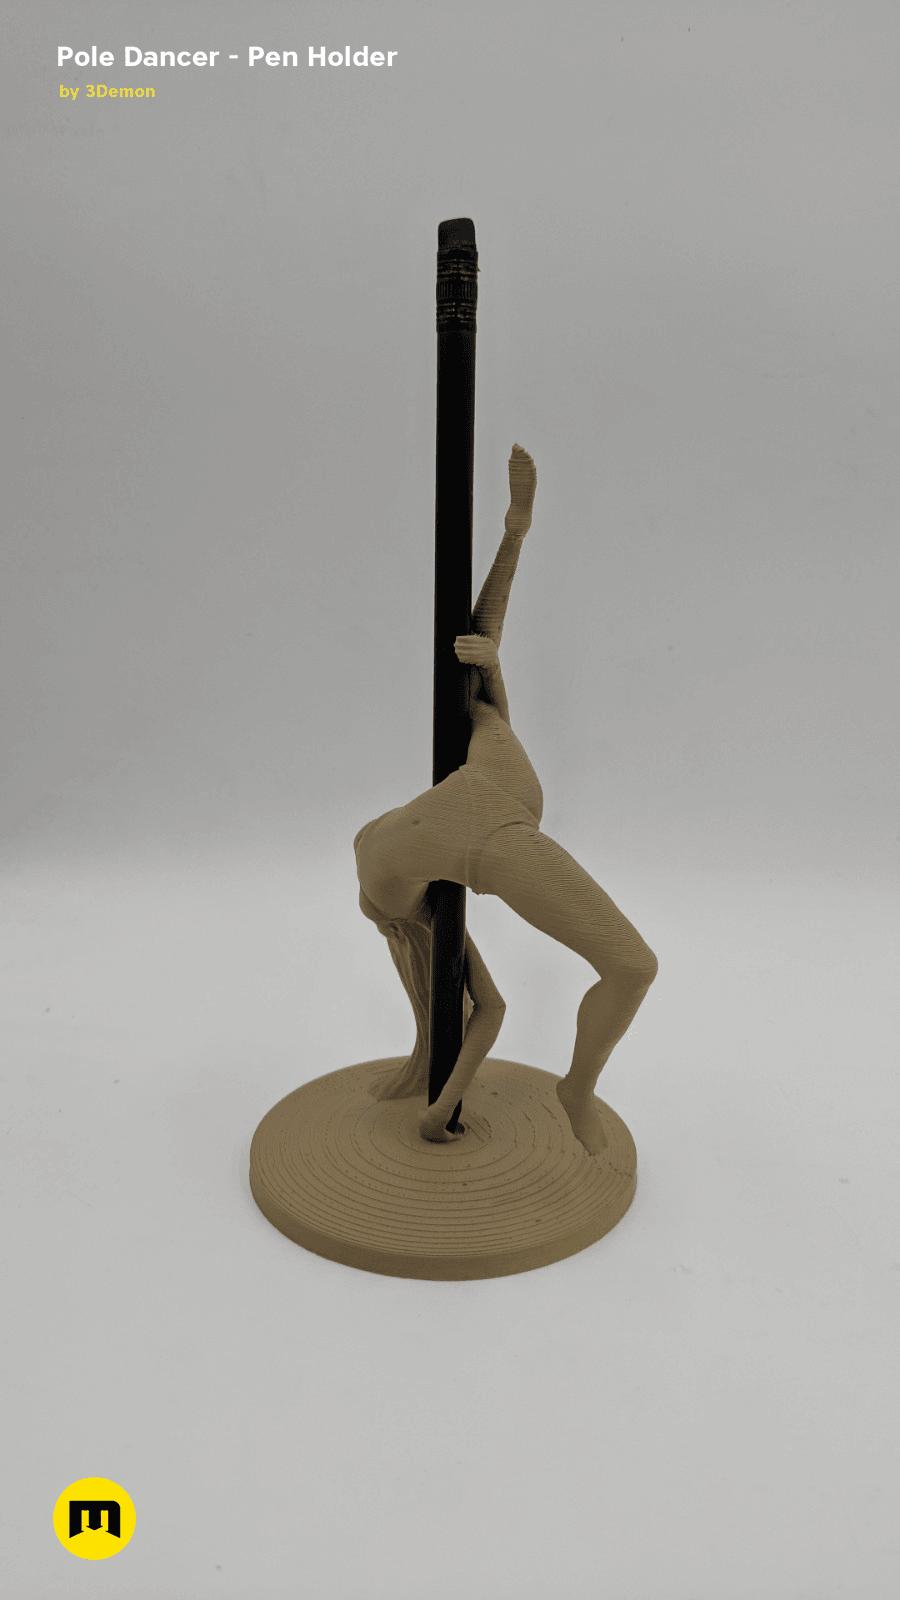 IMG_20190219_154907.png Download STL file Pole Dancer - Pen Holder • Object to 3D print, 3D-mon